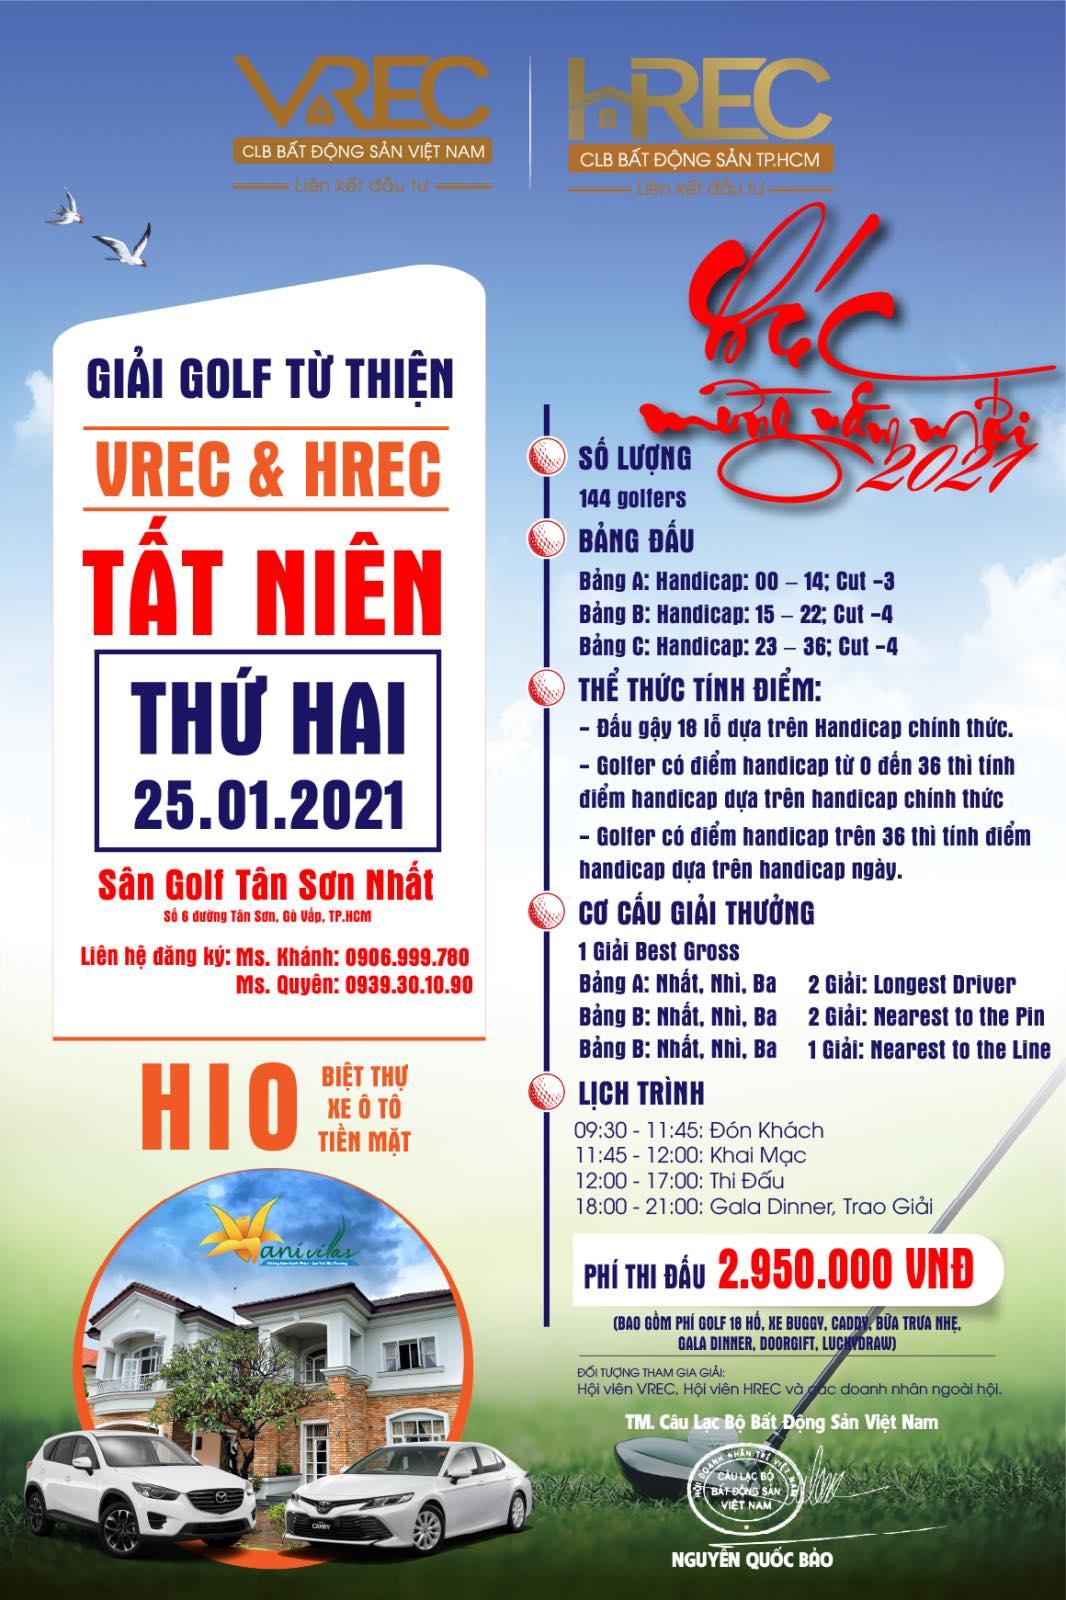 giai-golf-tat-nien-vrec-va-hrec-2021